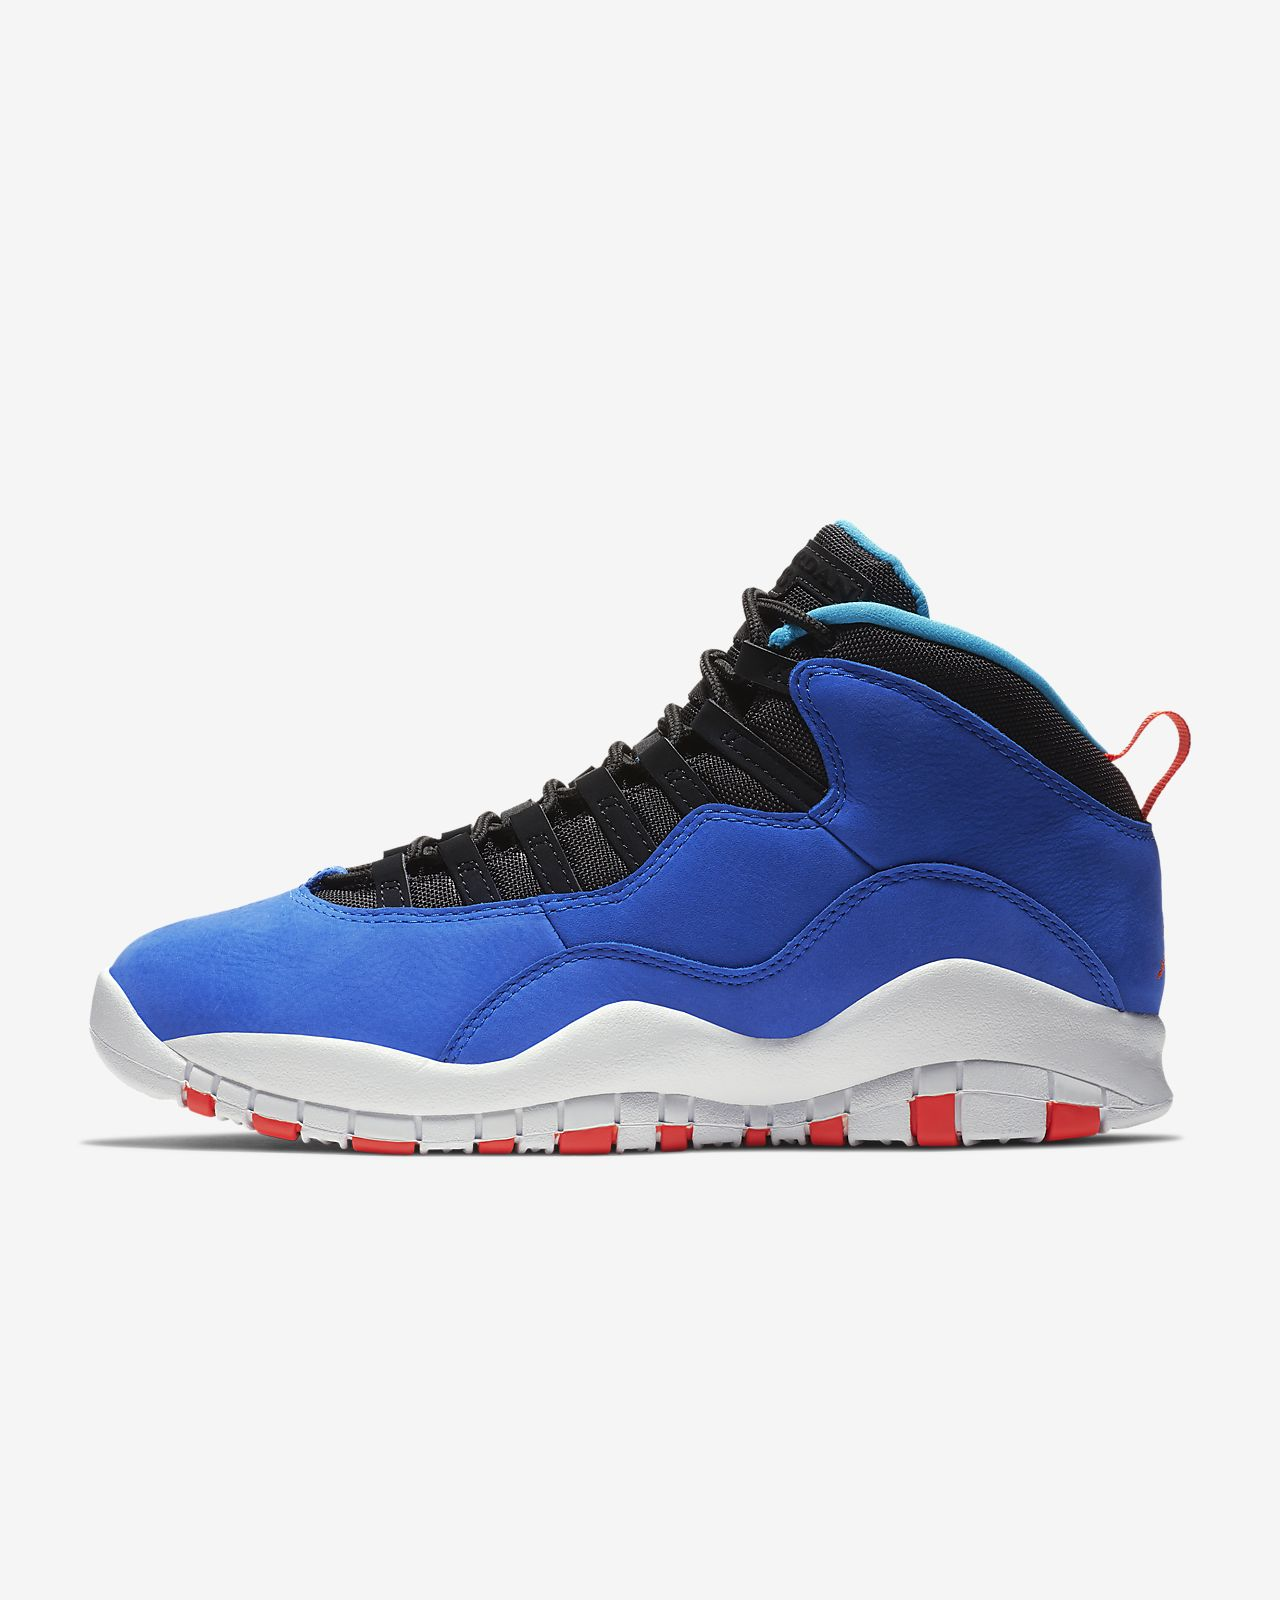 promo code 0222b c0280 ... Air Jordan 10 Retro Zapatillas - Hombre